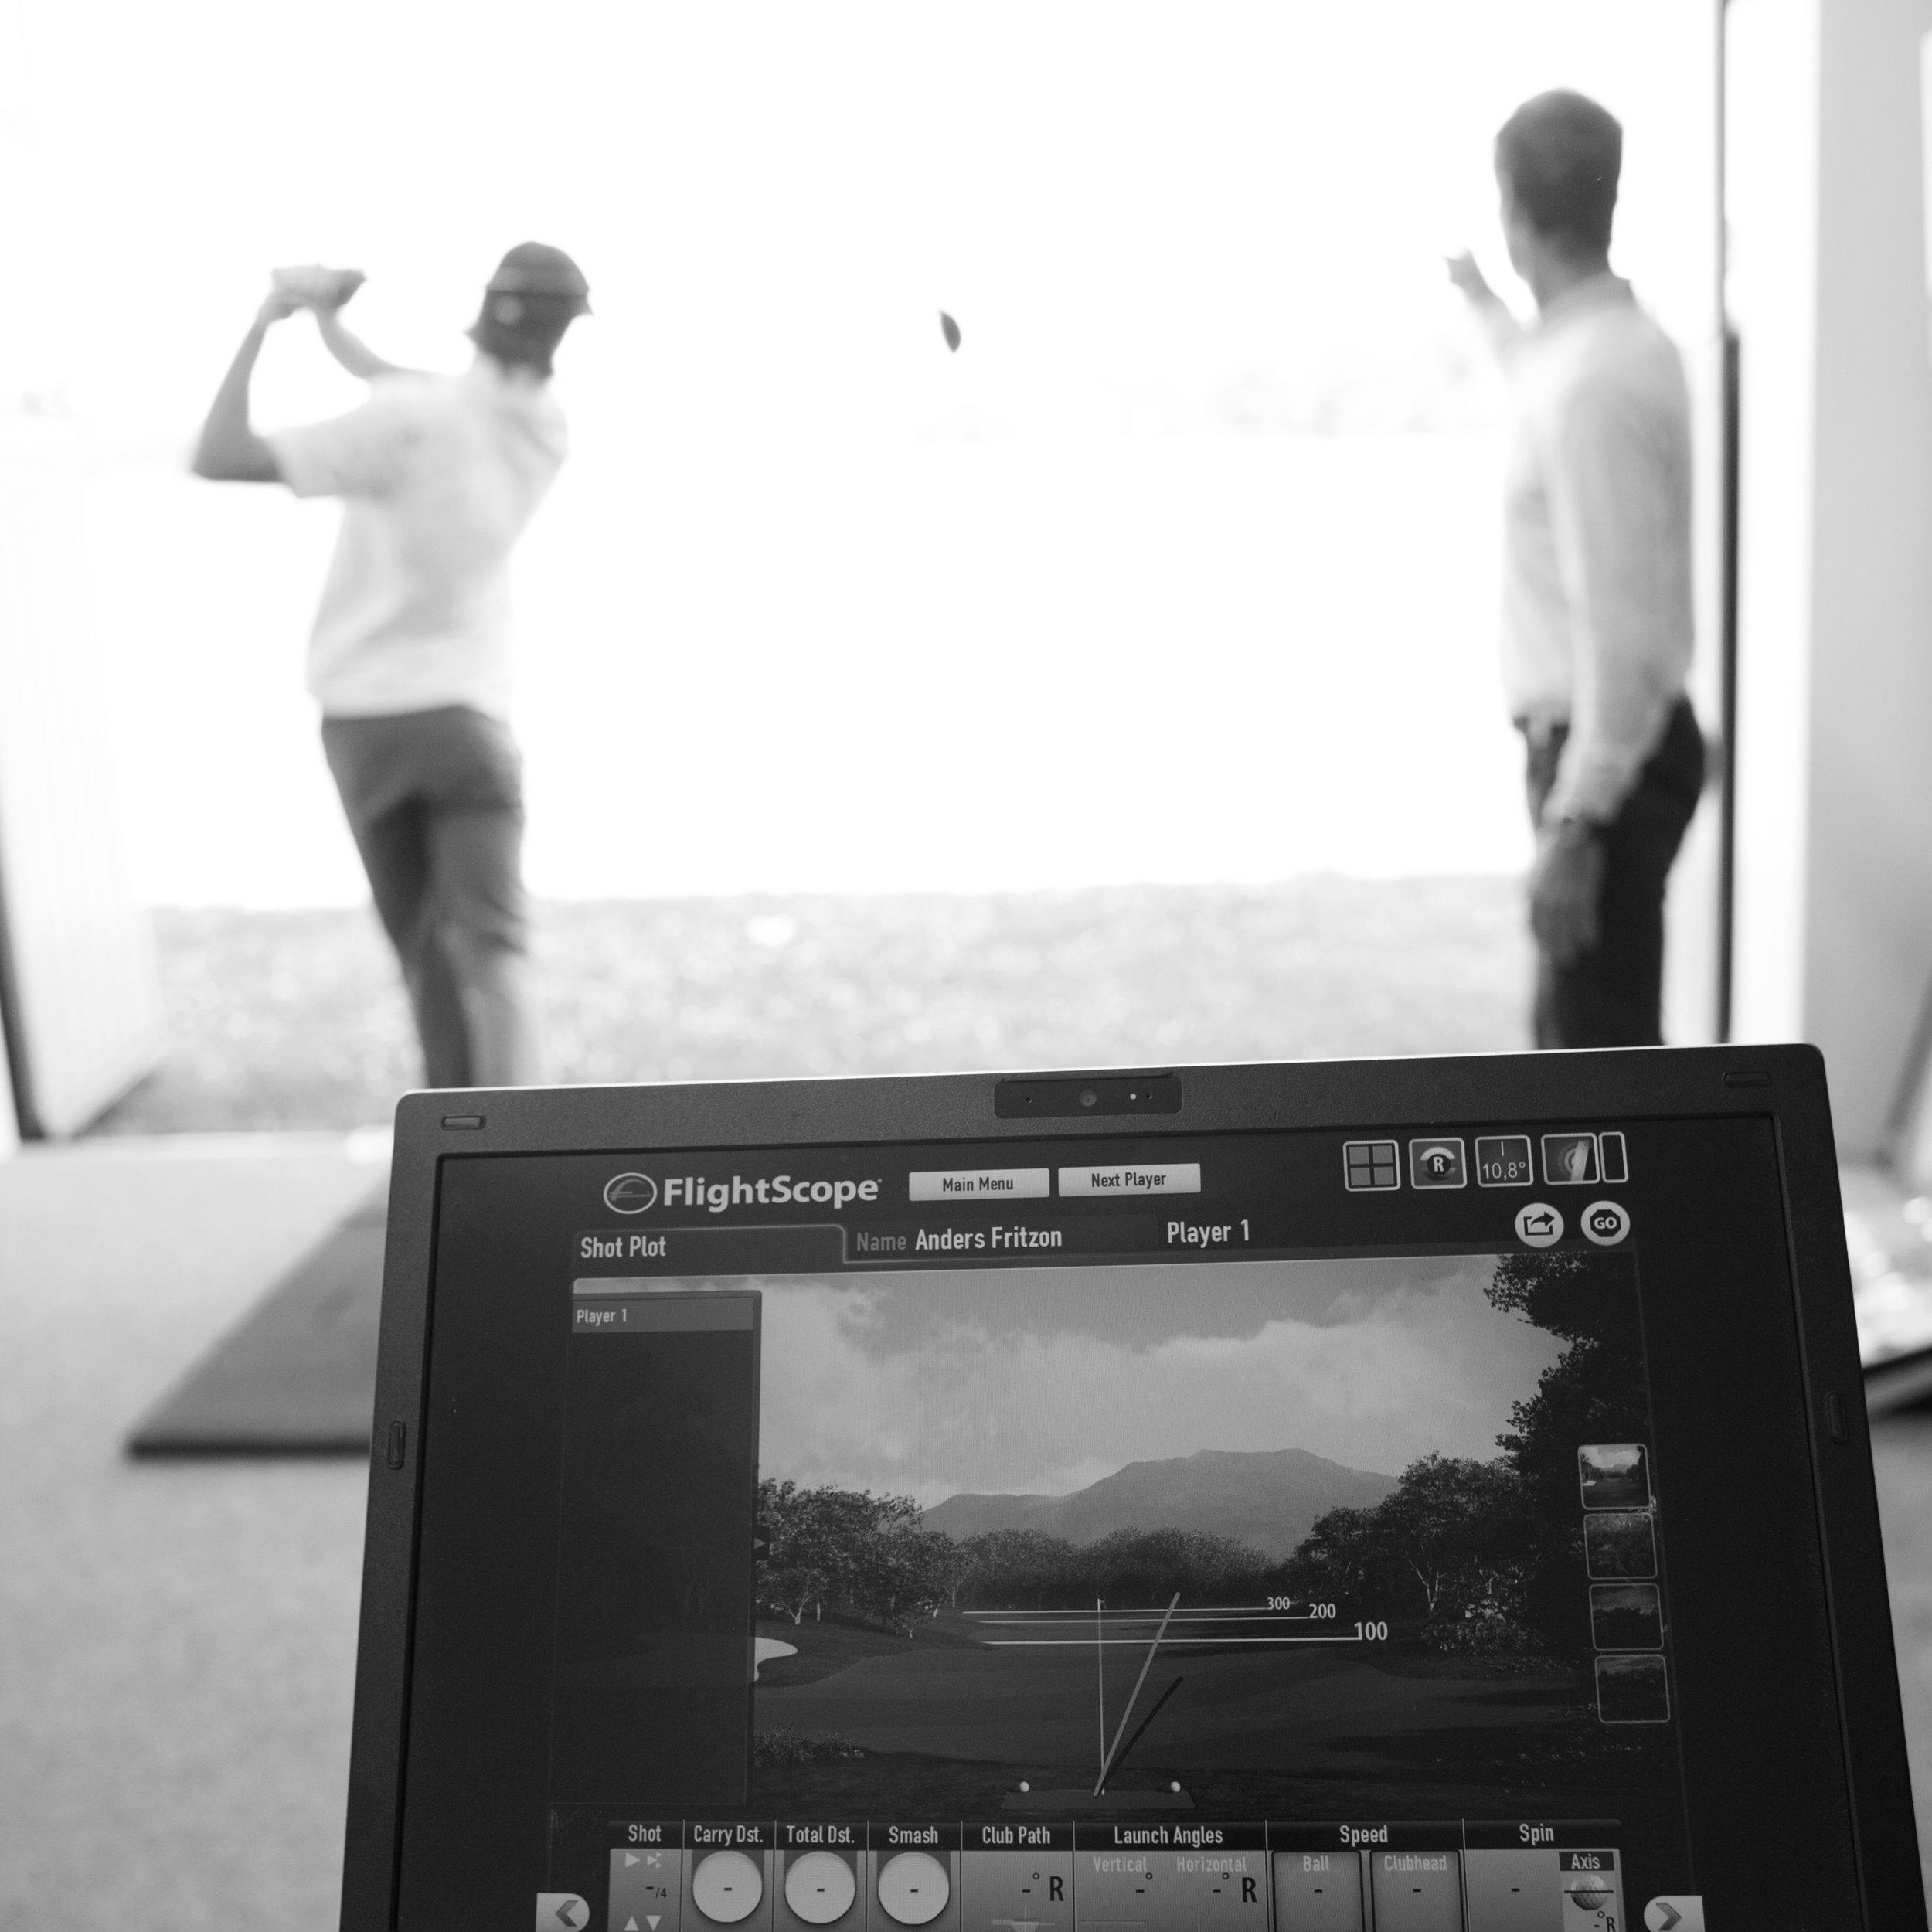 Gratis analys av ditt golfset - Vi mäter upp dina klubbor, kollar igenom setet och analyserar dina slag med hjälp av vår nya Flightscope i golfstudion. Har du alla klubbor du behöver? Har du rätt skaft, lie, loft, längd och grepp? Efter analysen har du svaren!